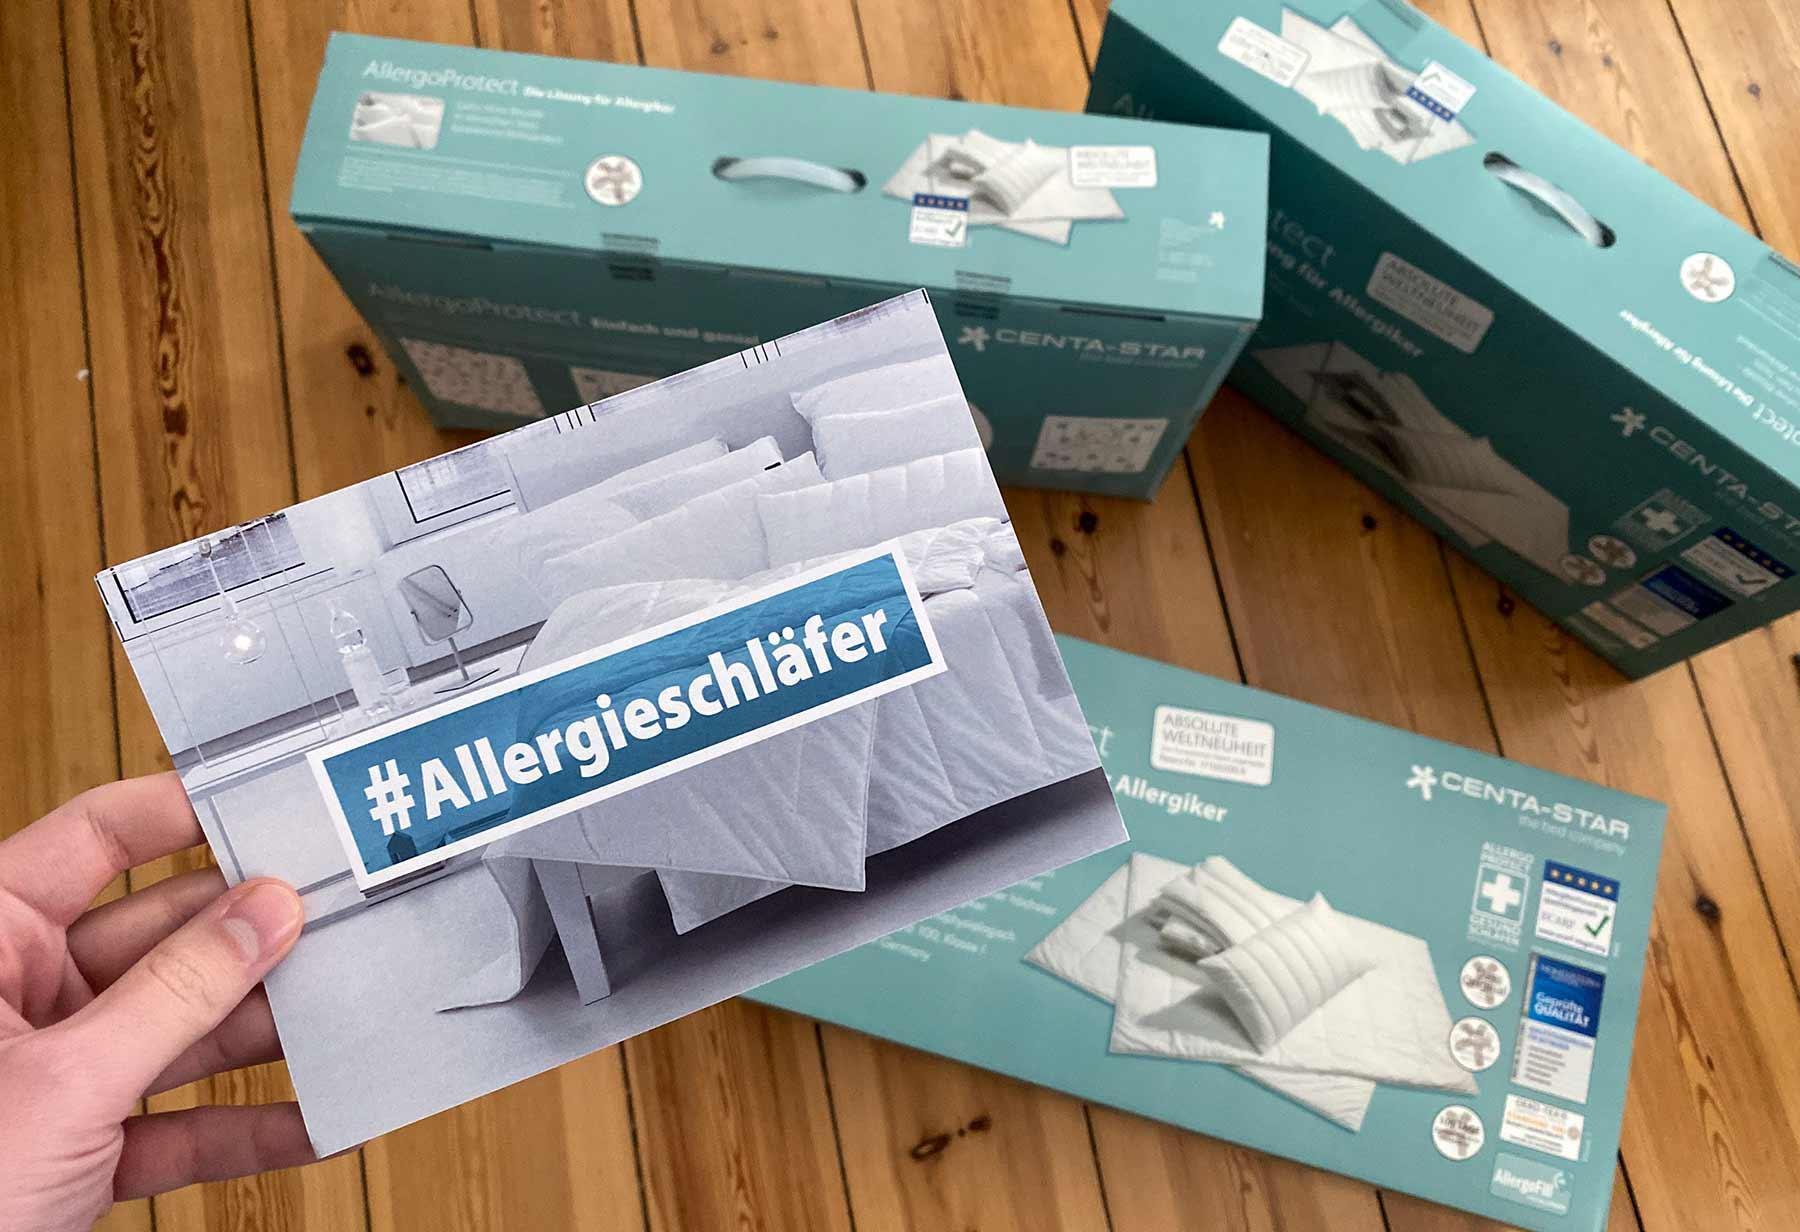 Die Leiden des jungen Hausstaubmilben-Allergikers centa-star-bettdecken-hausstauballergiker_02